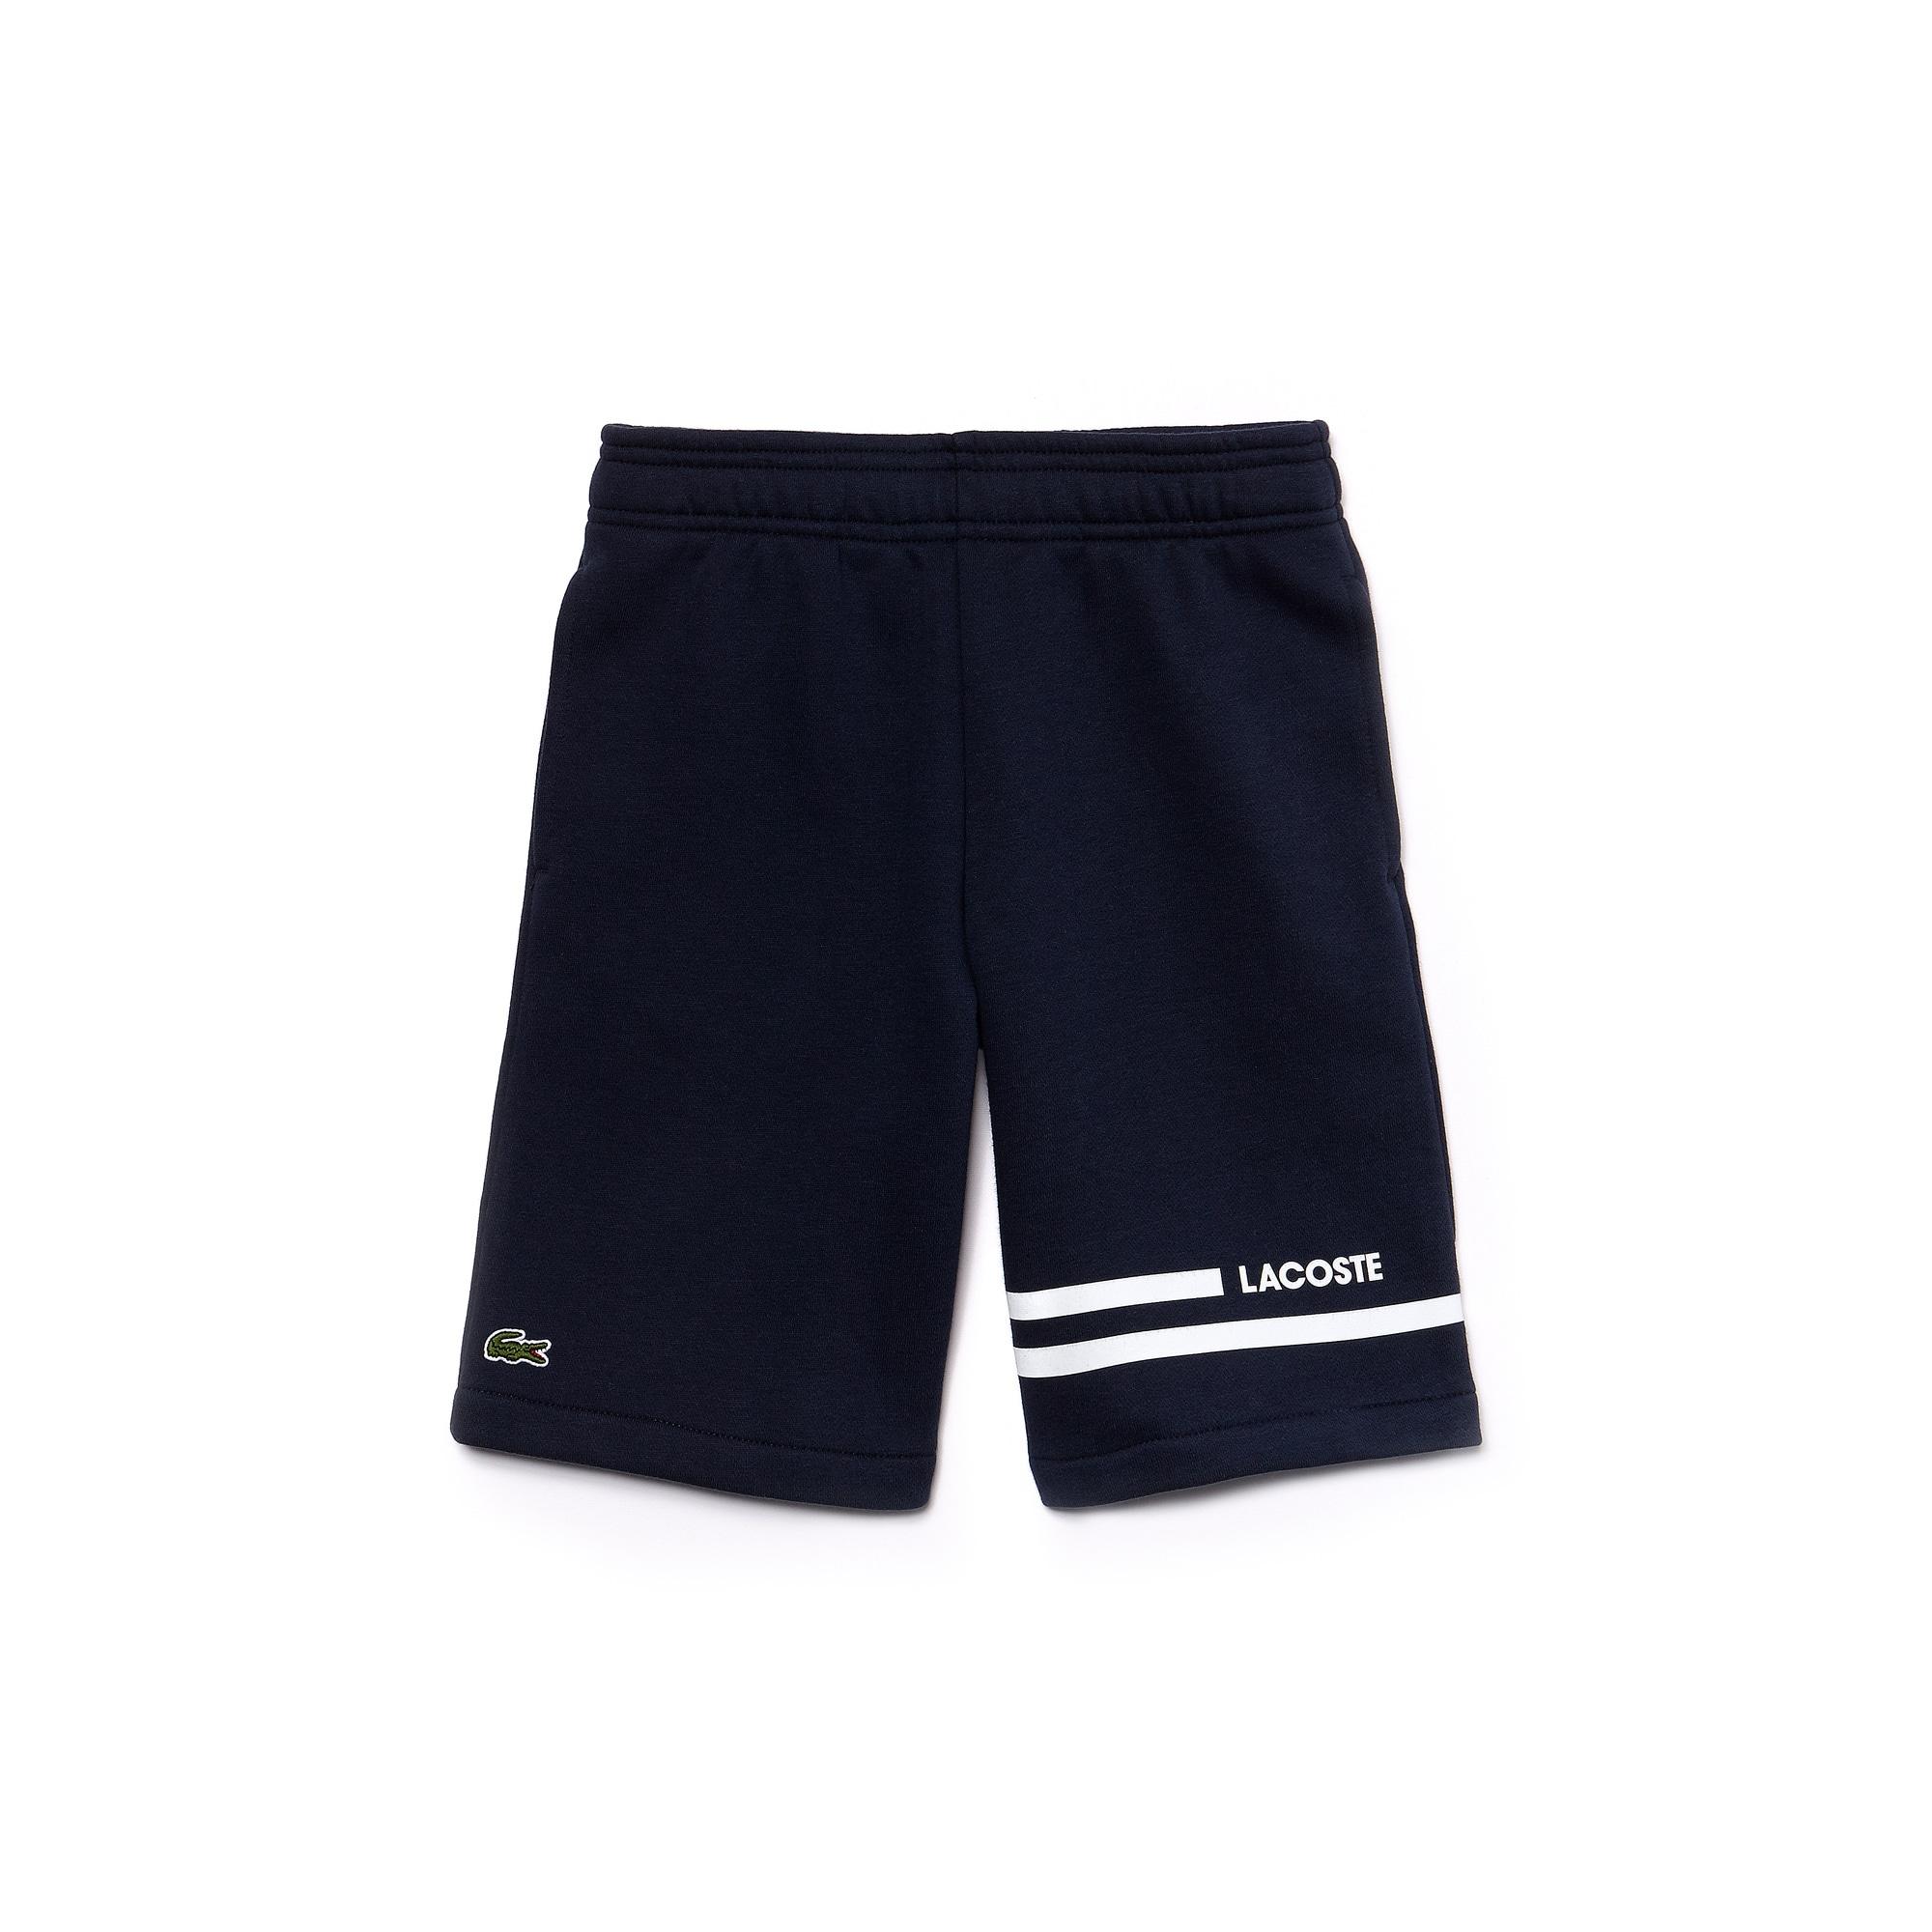 Pantaloncini Bambino Tennis Lacoste SPORT in mollettone con fasce a contrasto